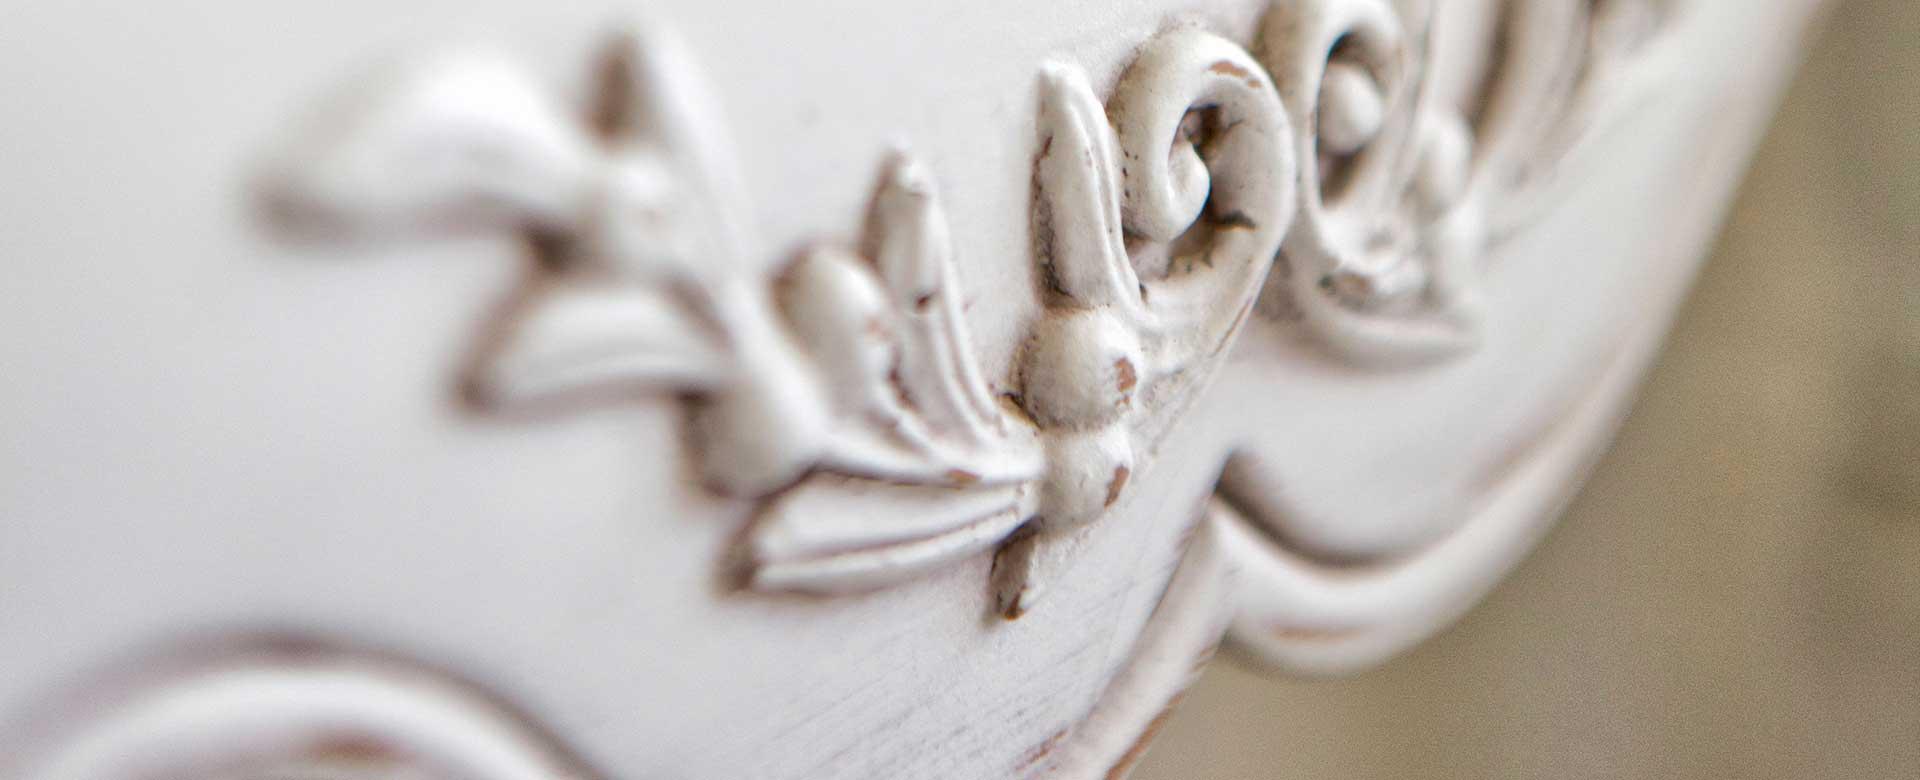 Ébénisterie - Restaurez des meubles anciens